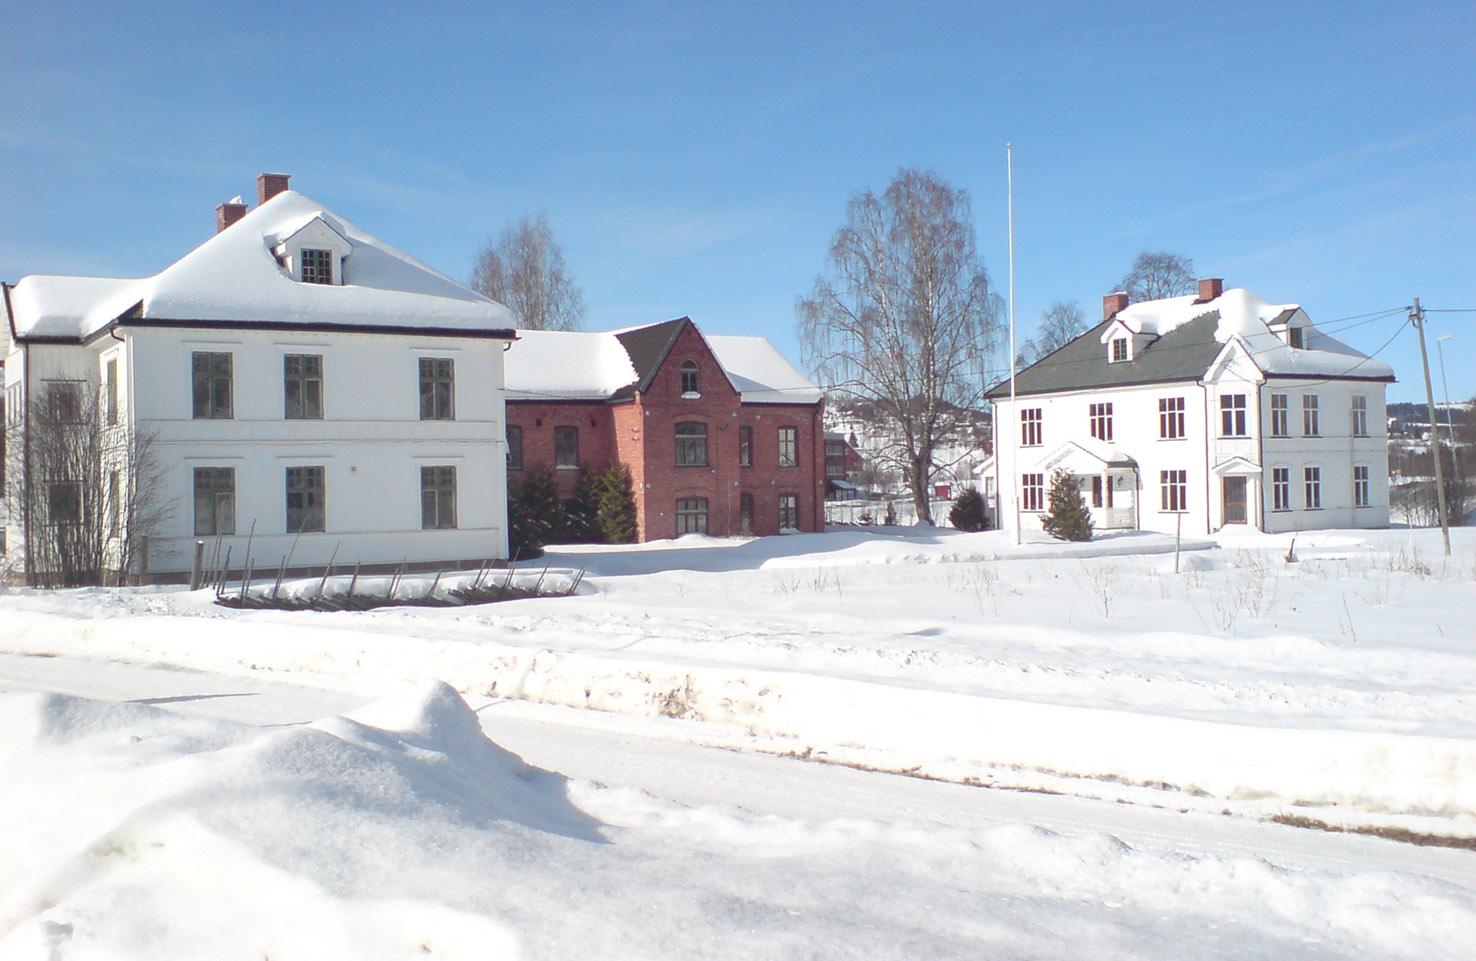 Roa, Norway